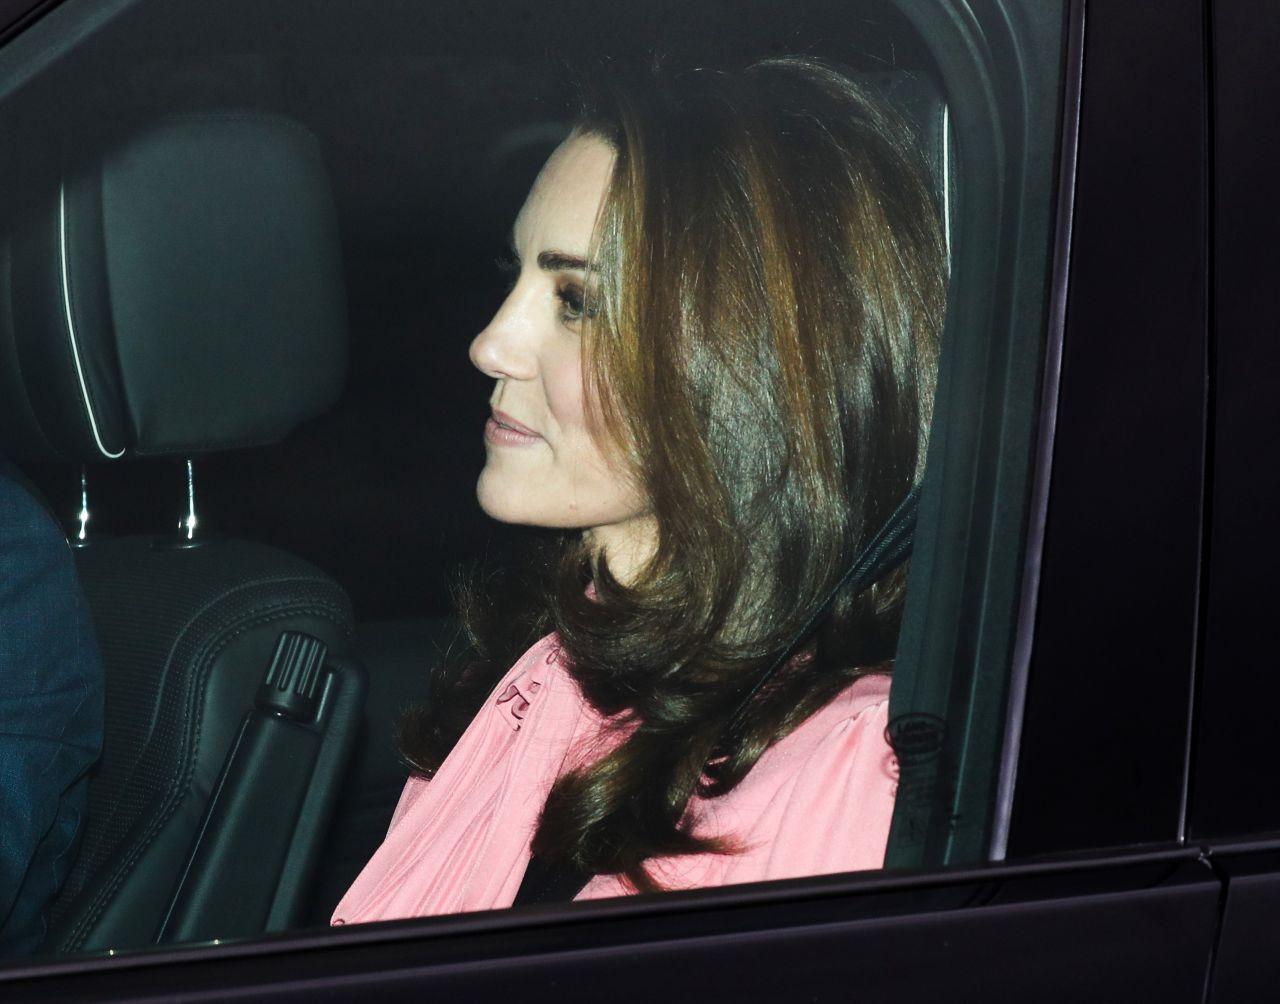 Kate Middleton Departs Kensington Palace In London 12 19